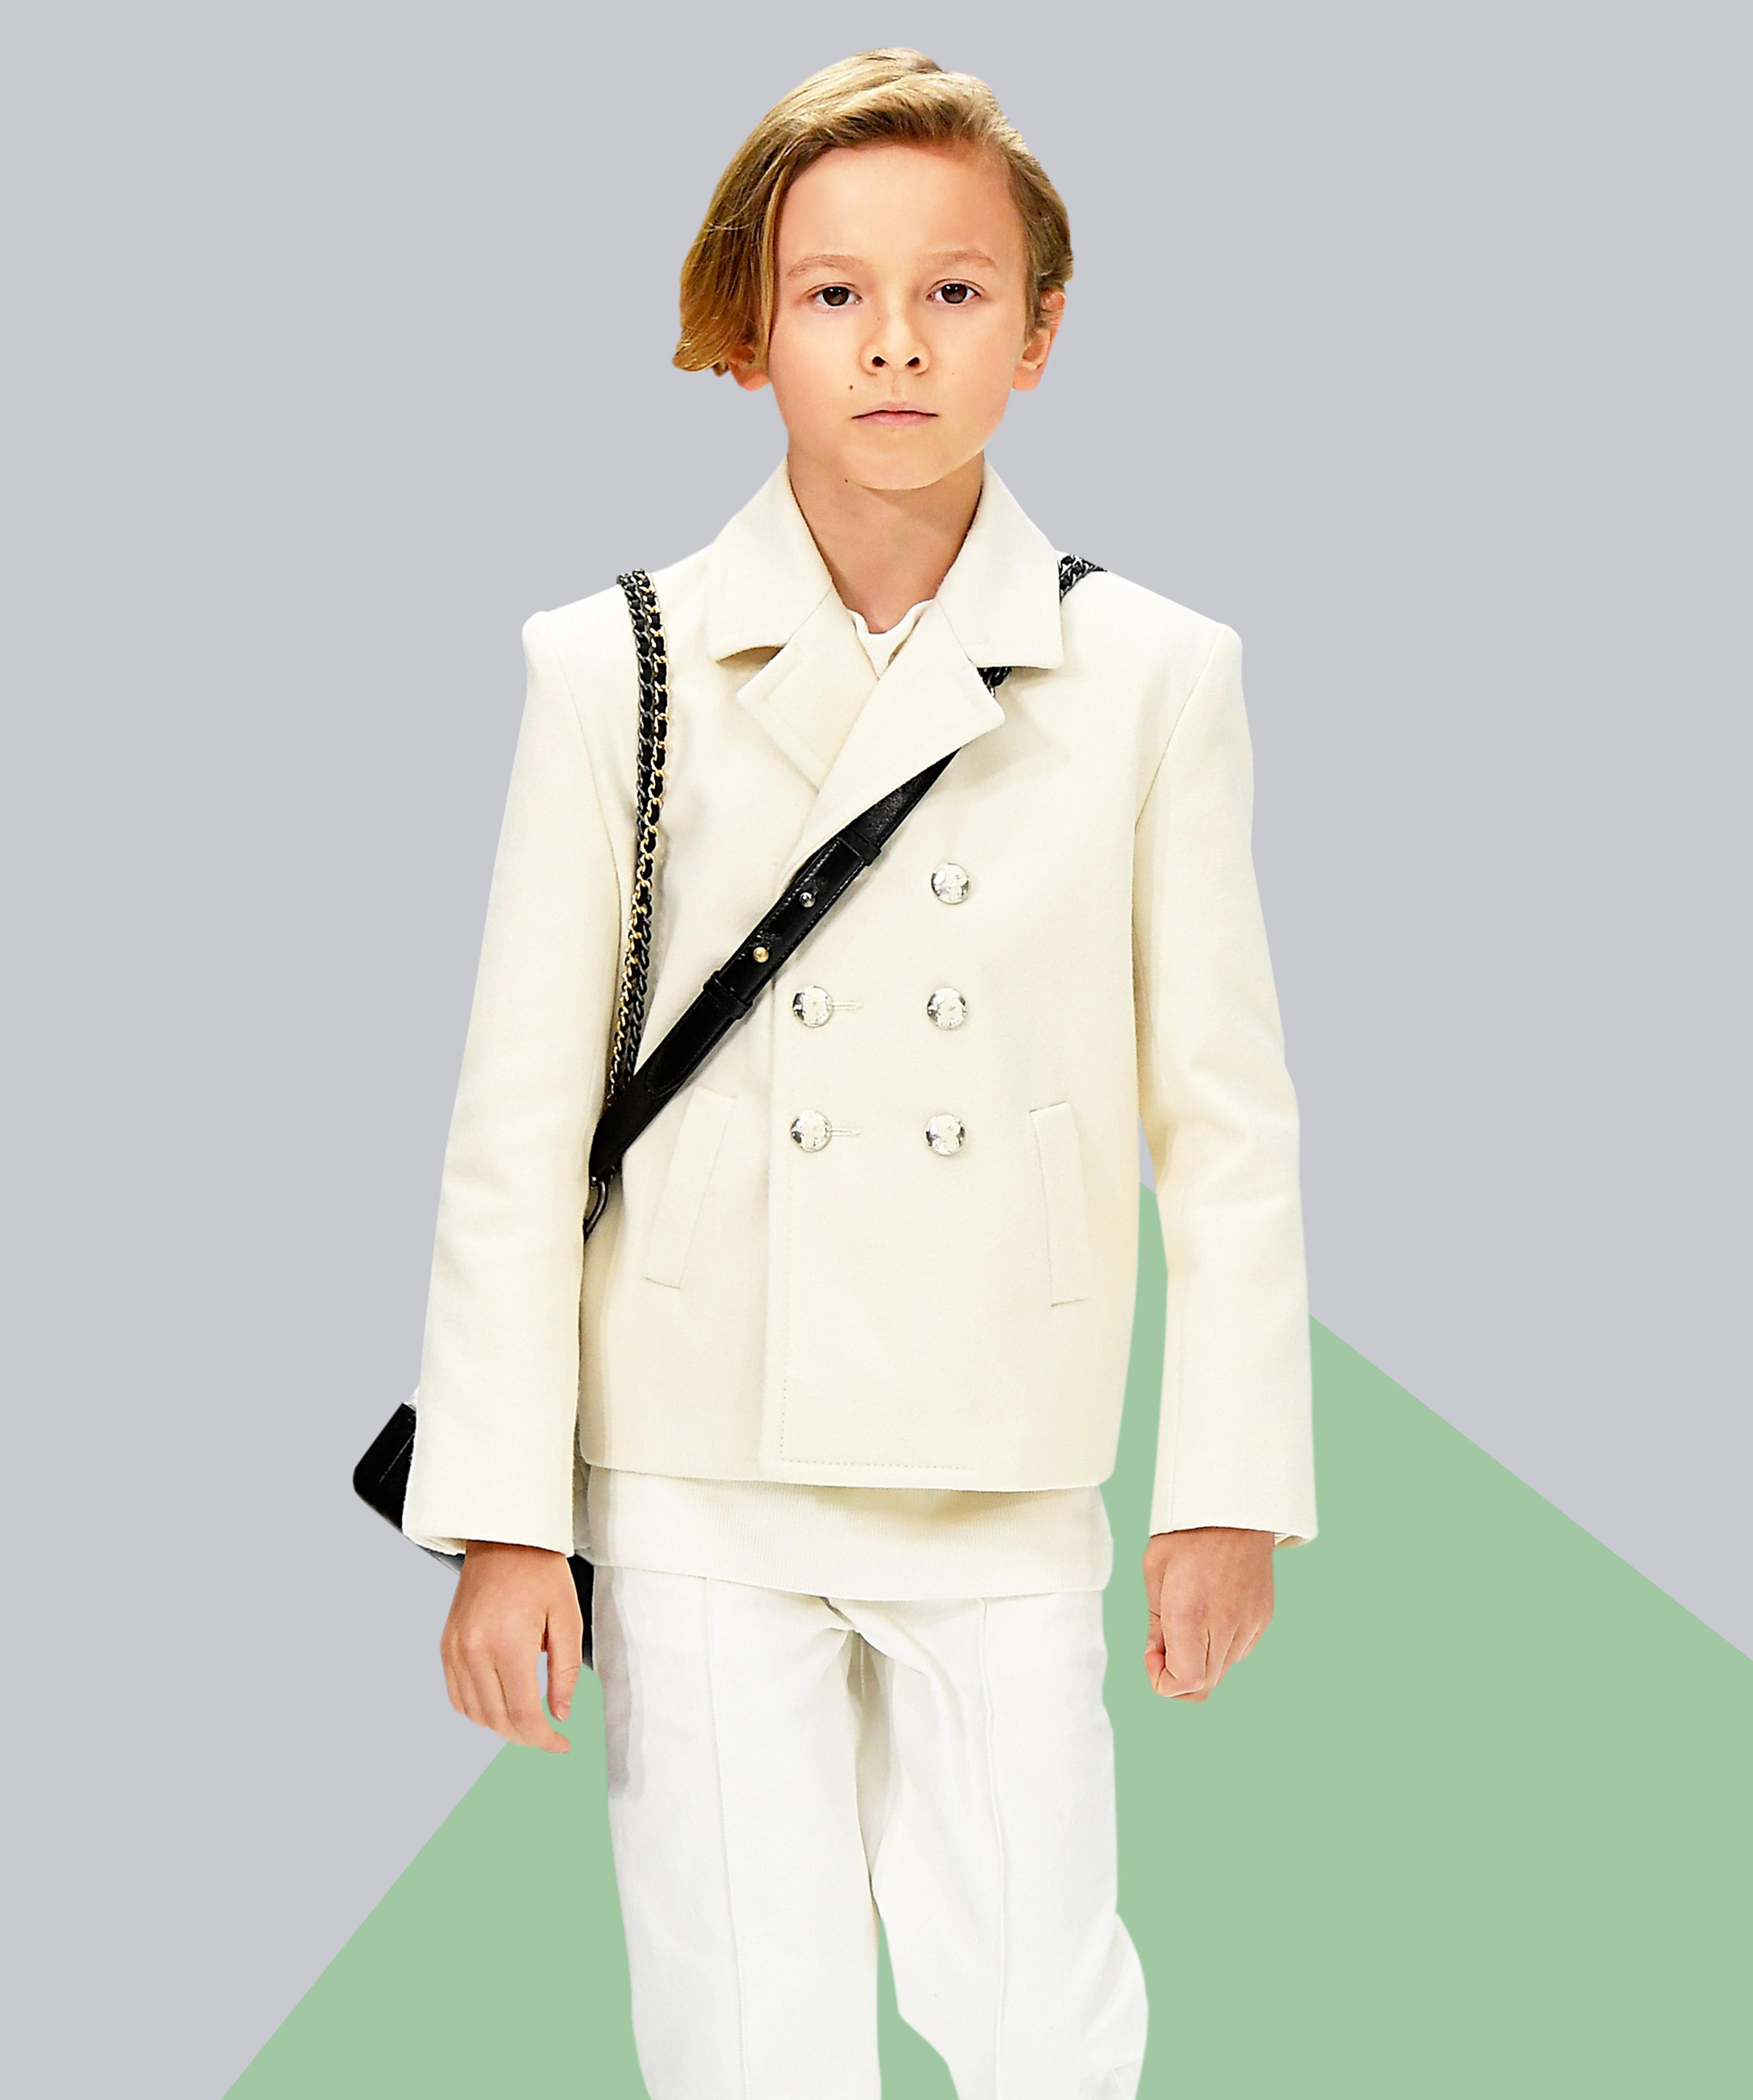 Jungenanzug von Chanel